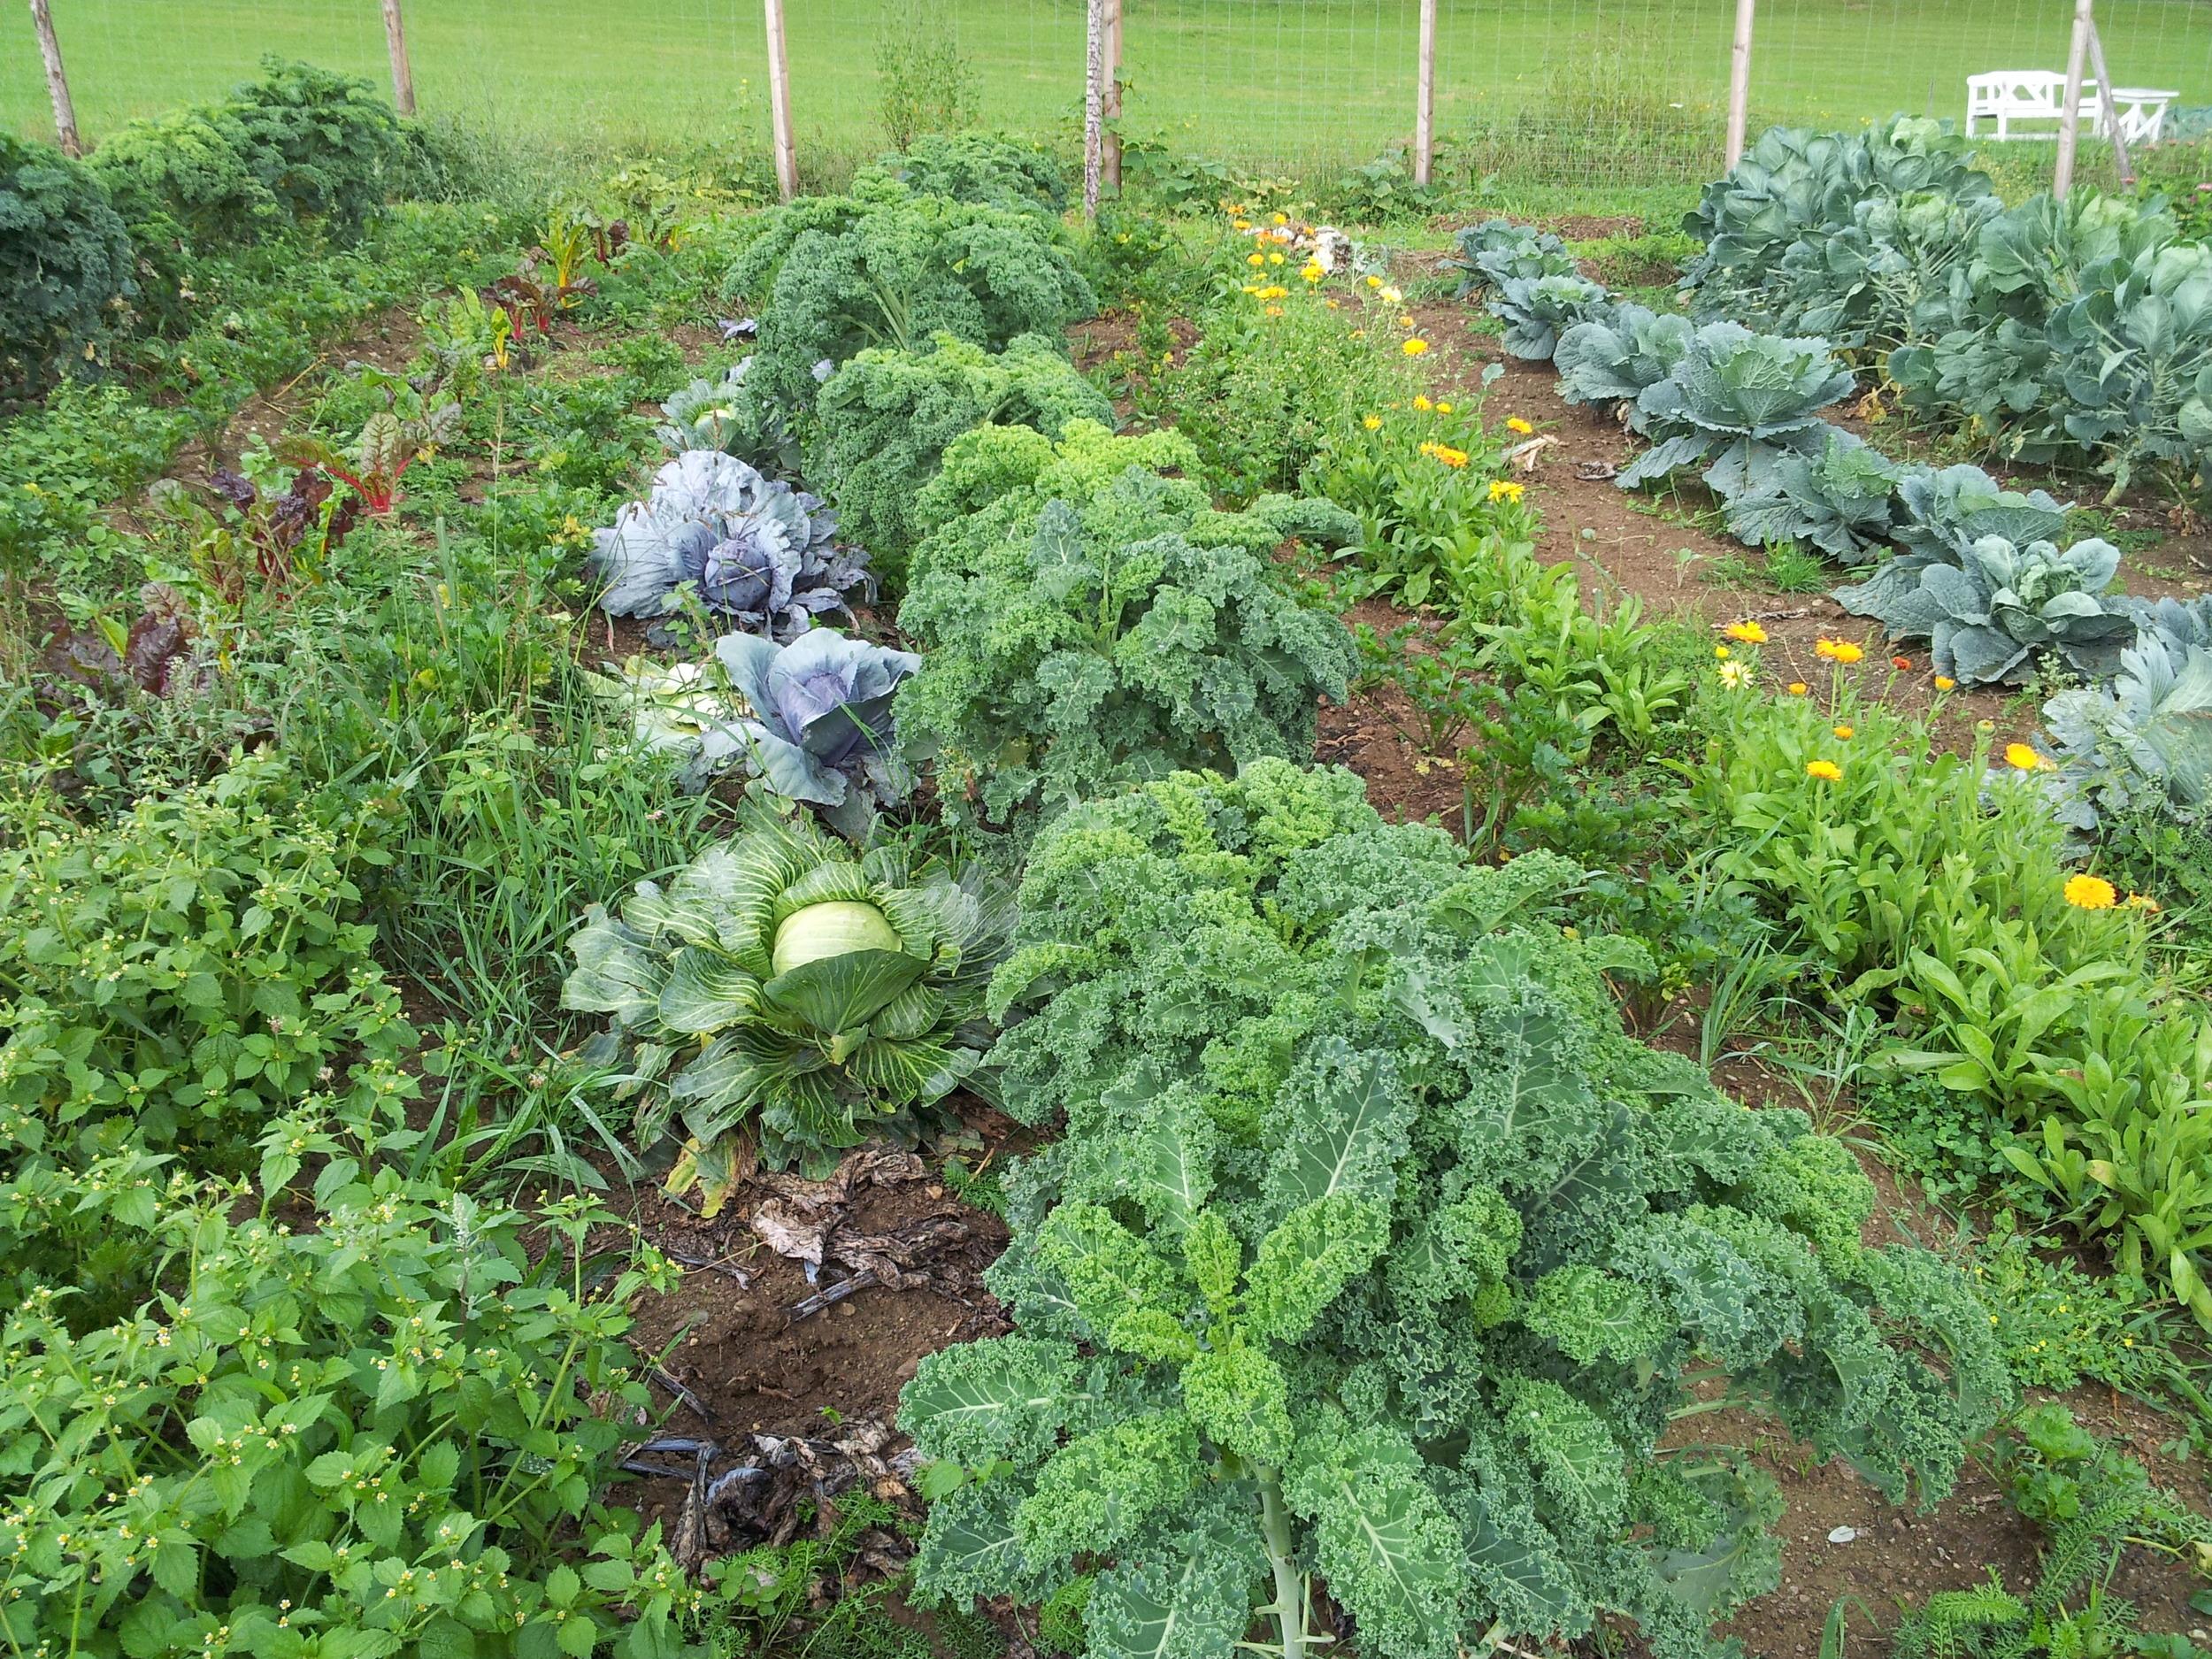 Kale kale and more kale. An Eastern-suburbians heaven.